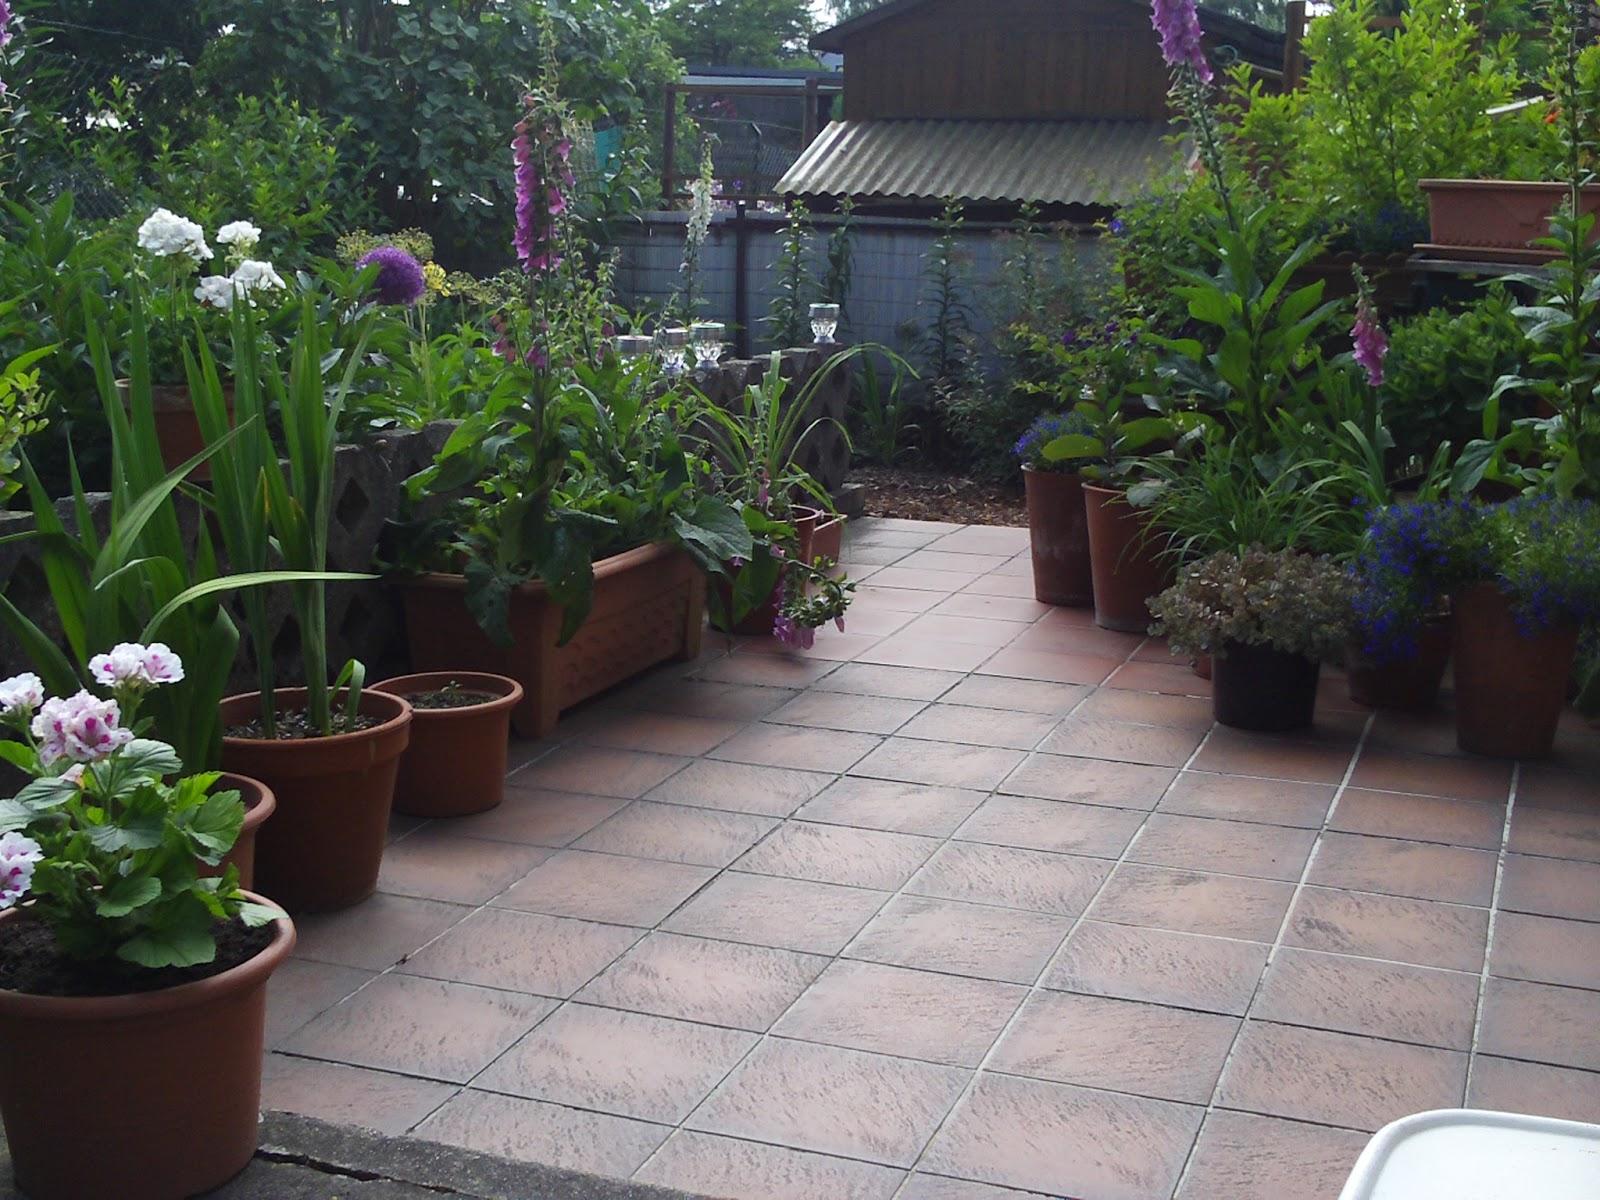 terrassengestaltung mit k belpflanzen garten design ideen um ihr zuhause zu versch nern. Black Bedroom Furniture Sets. Home Design Ideas